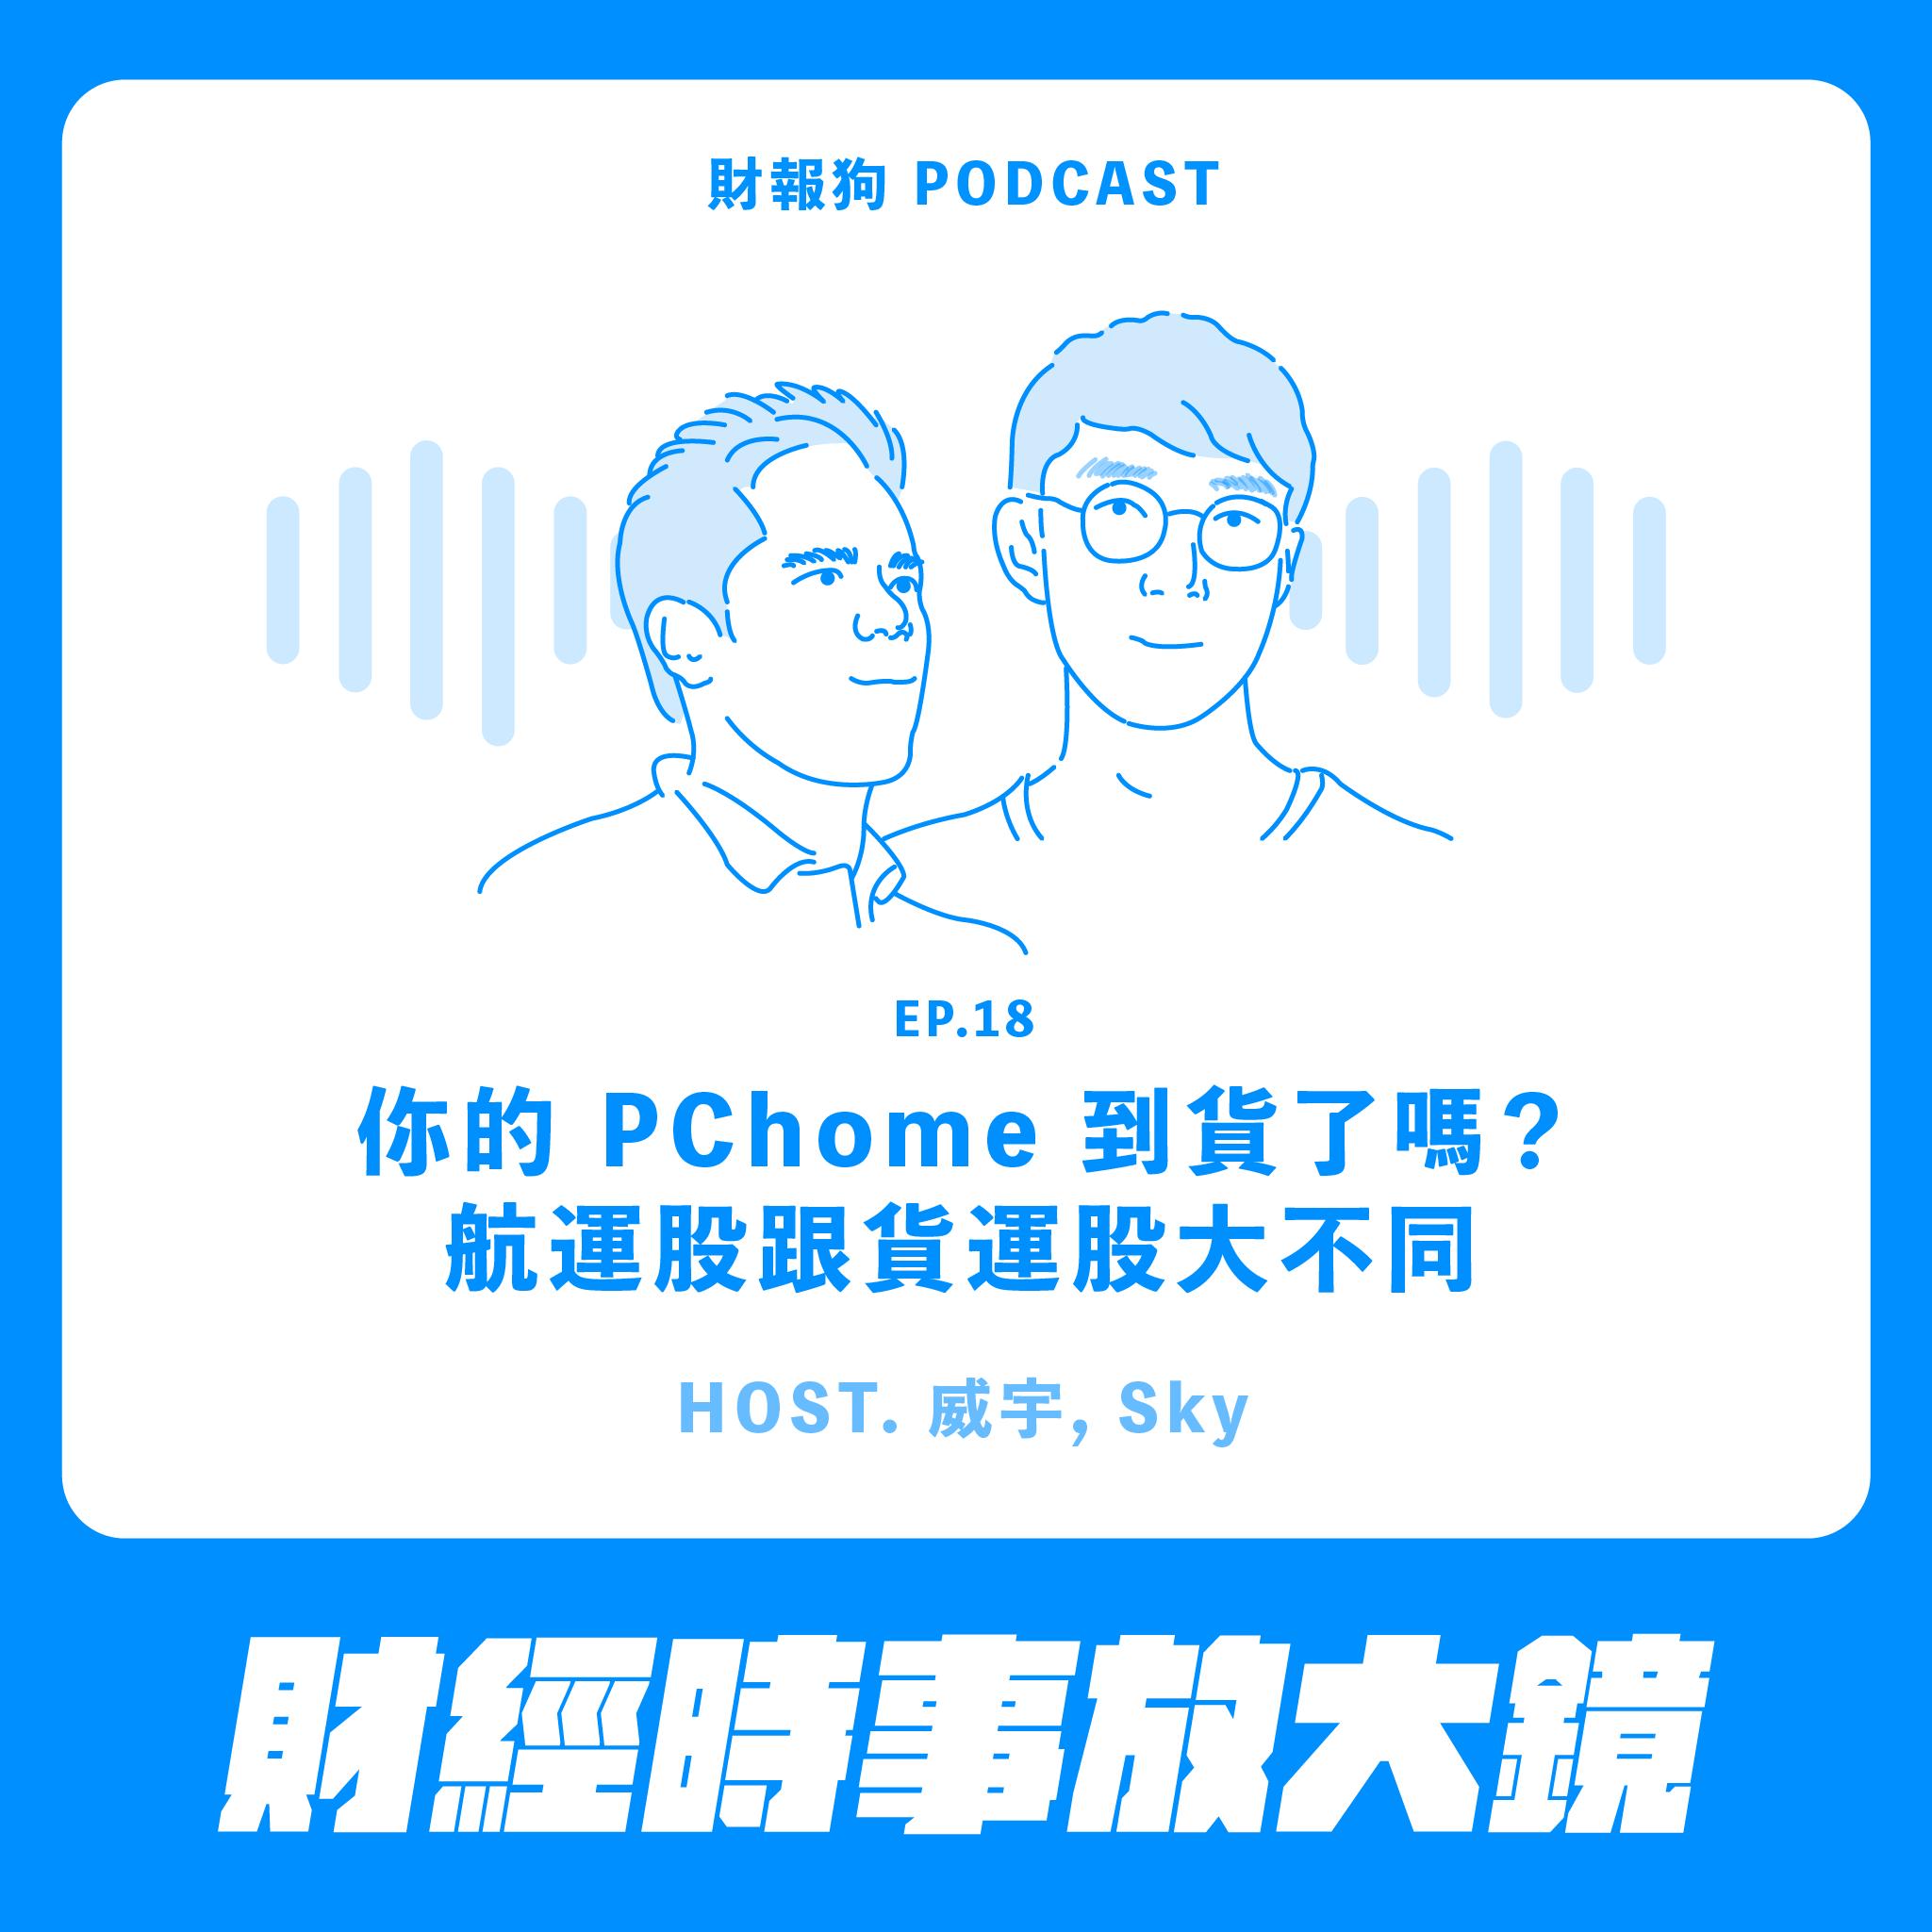 2020-06-04 財經時事放大鏡 - ep.18